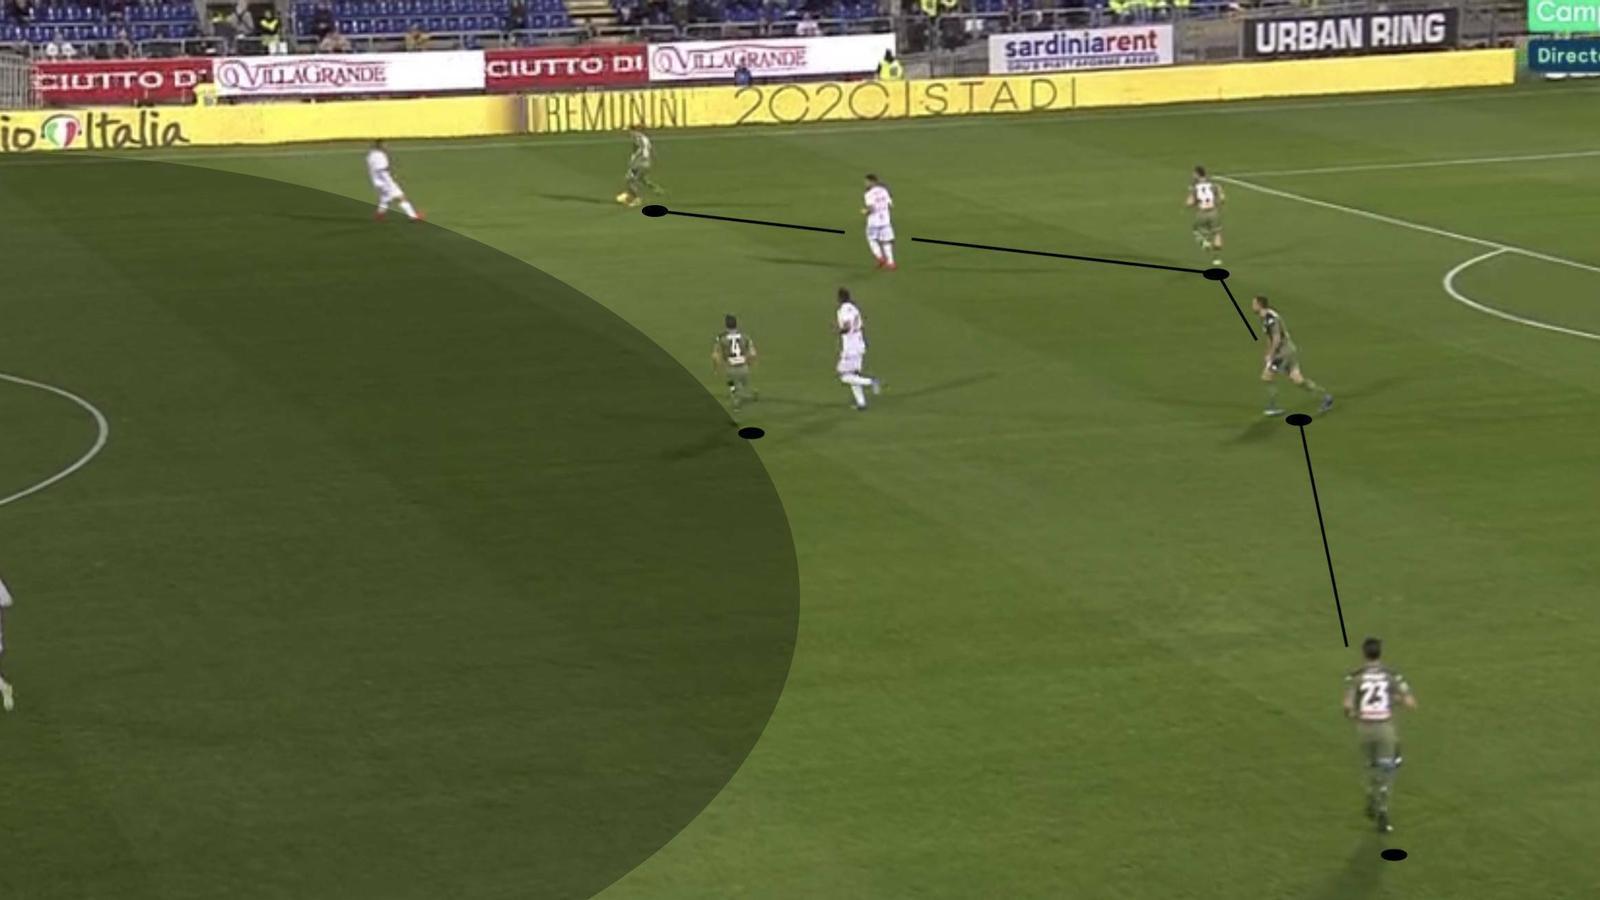 Demme (pivot) s'ajunta amb la línia defensiva i parteix l'equip en dos blocs per sortir